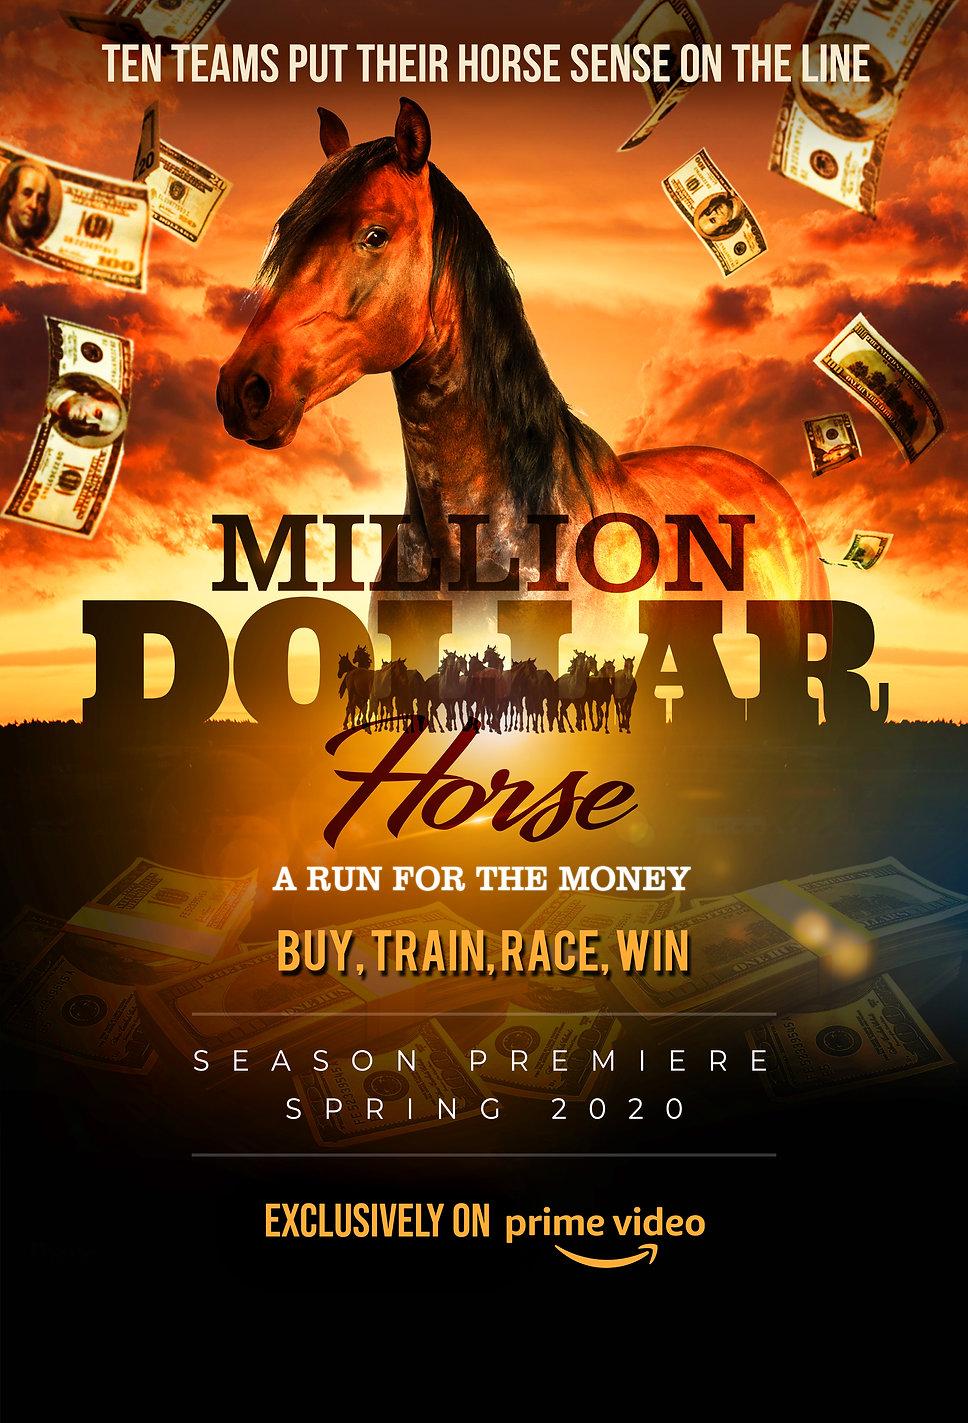 milliondollarhorse.jpg